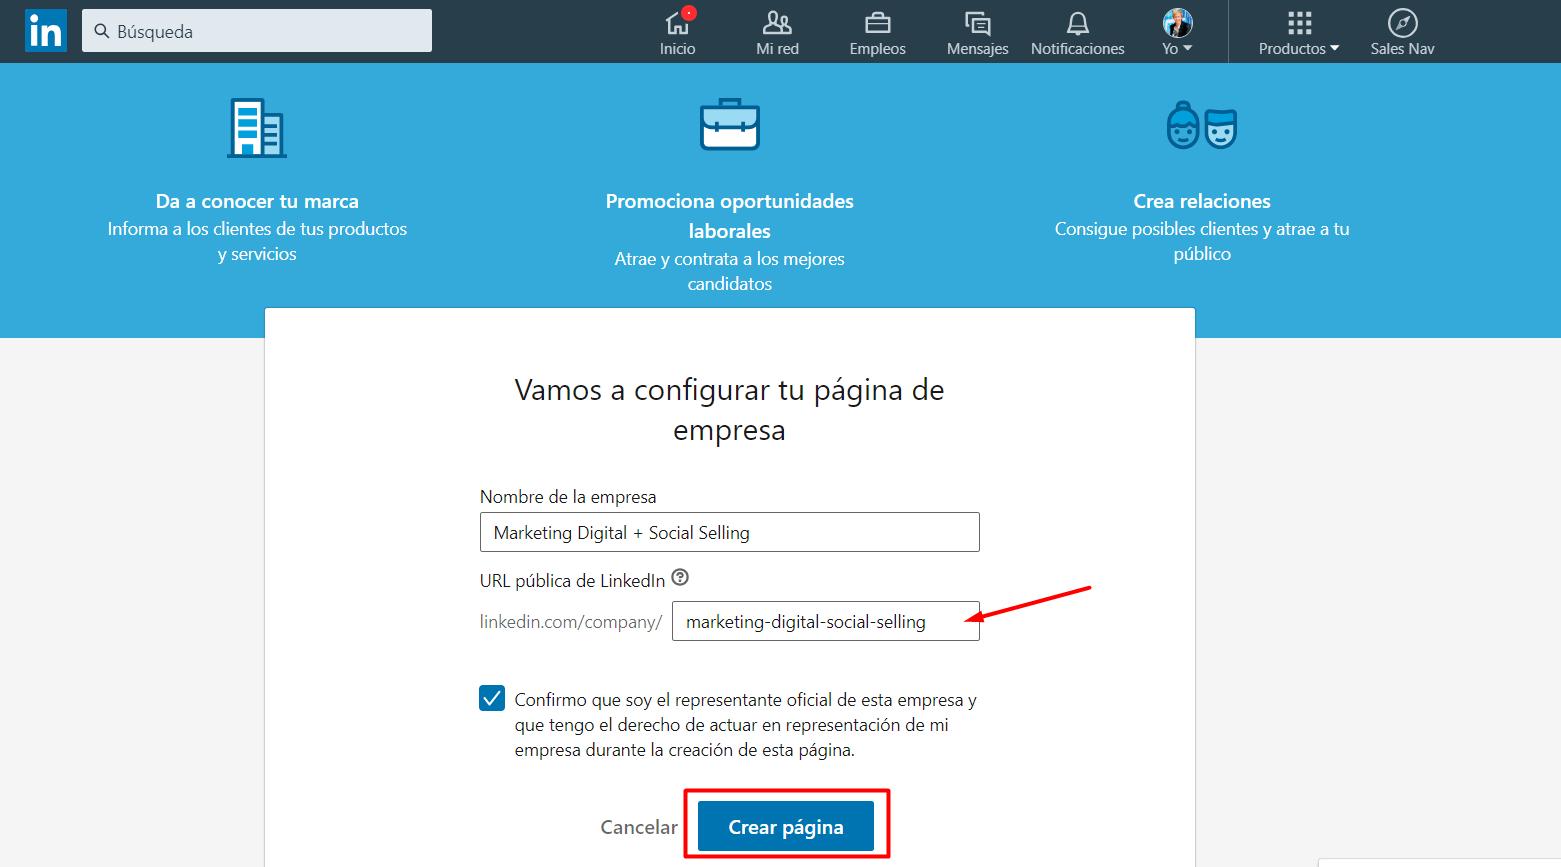 crear pagina de LinkedIn para empresas paso 2